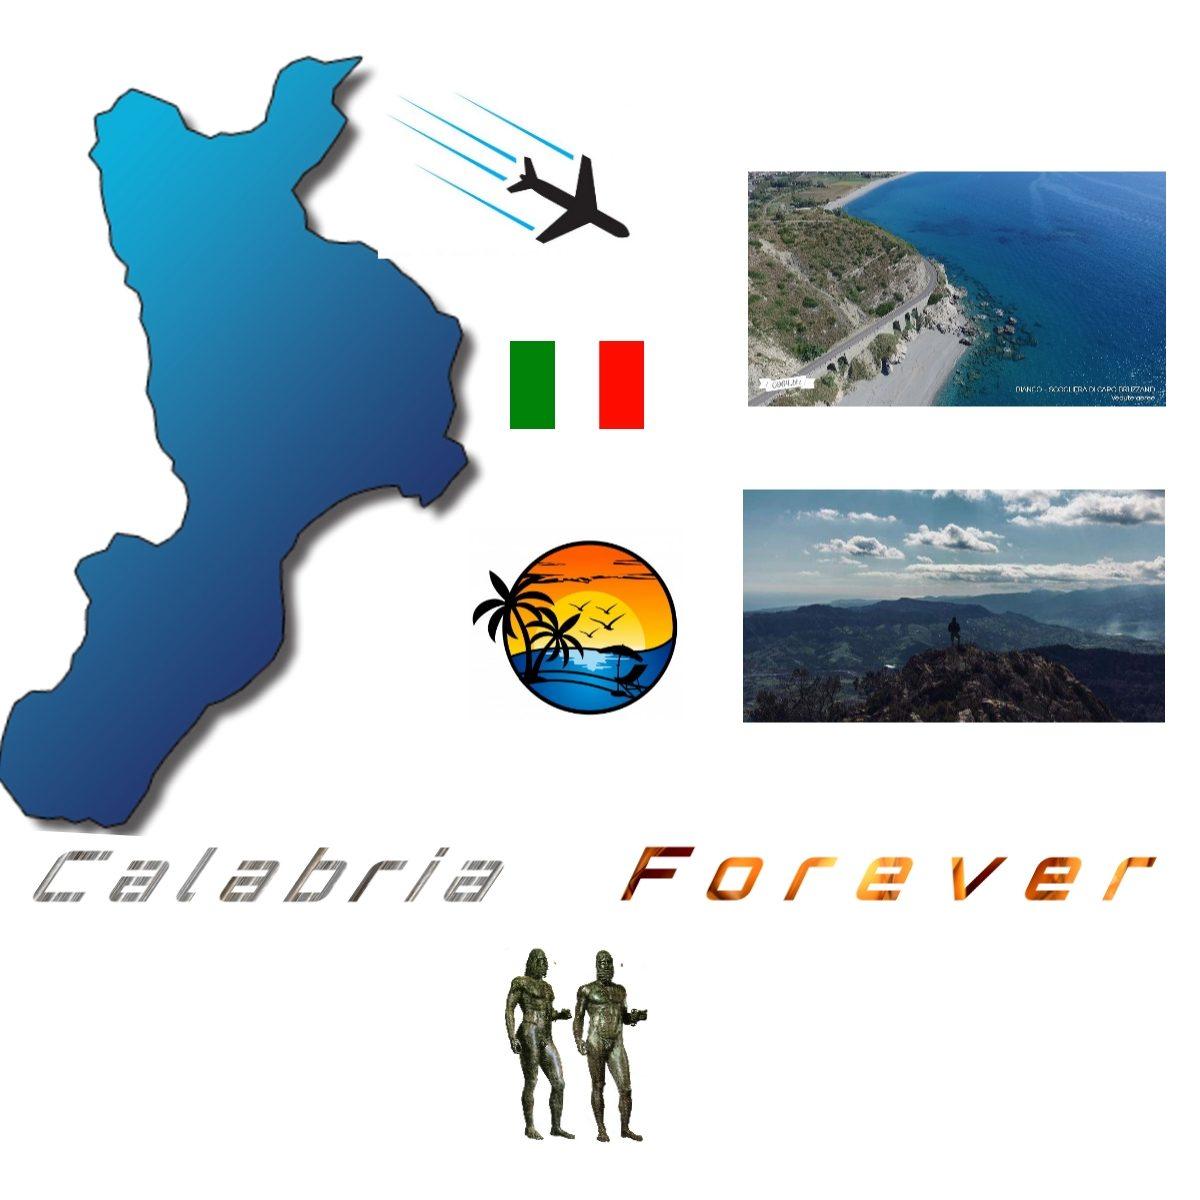 Calabriaforever